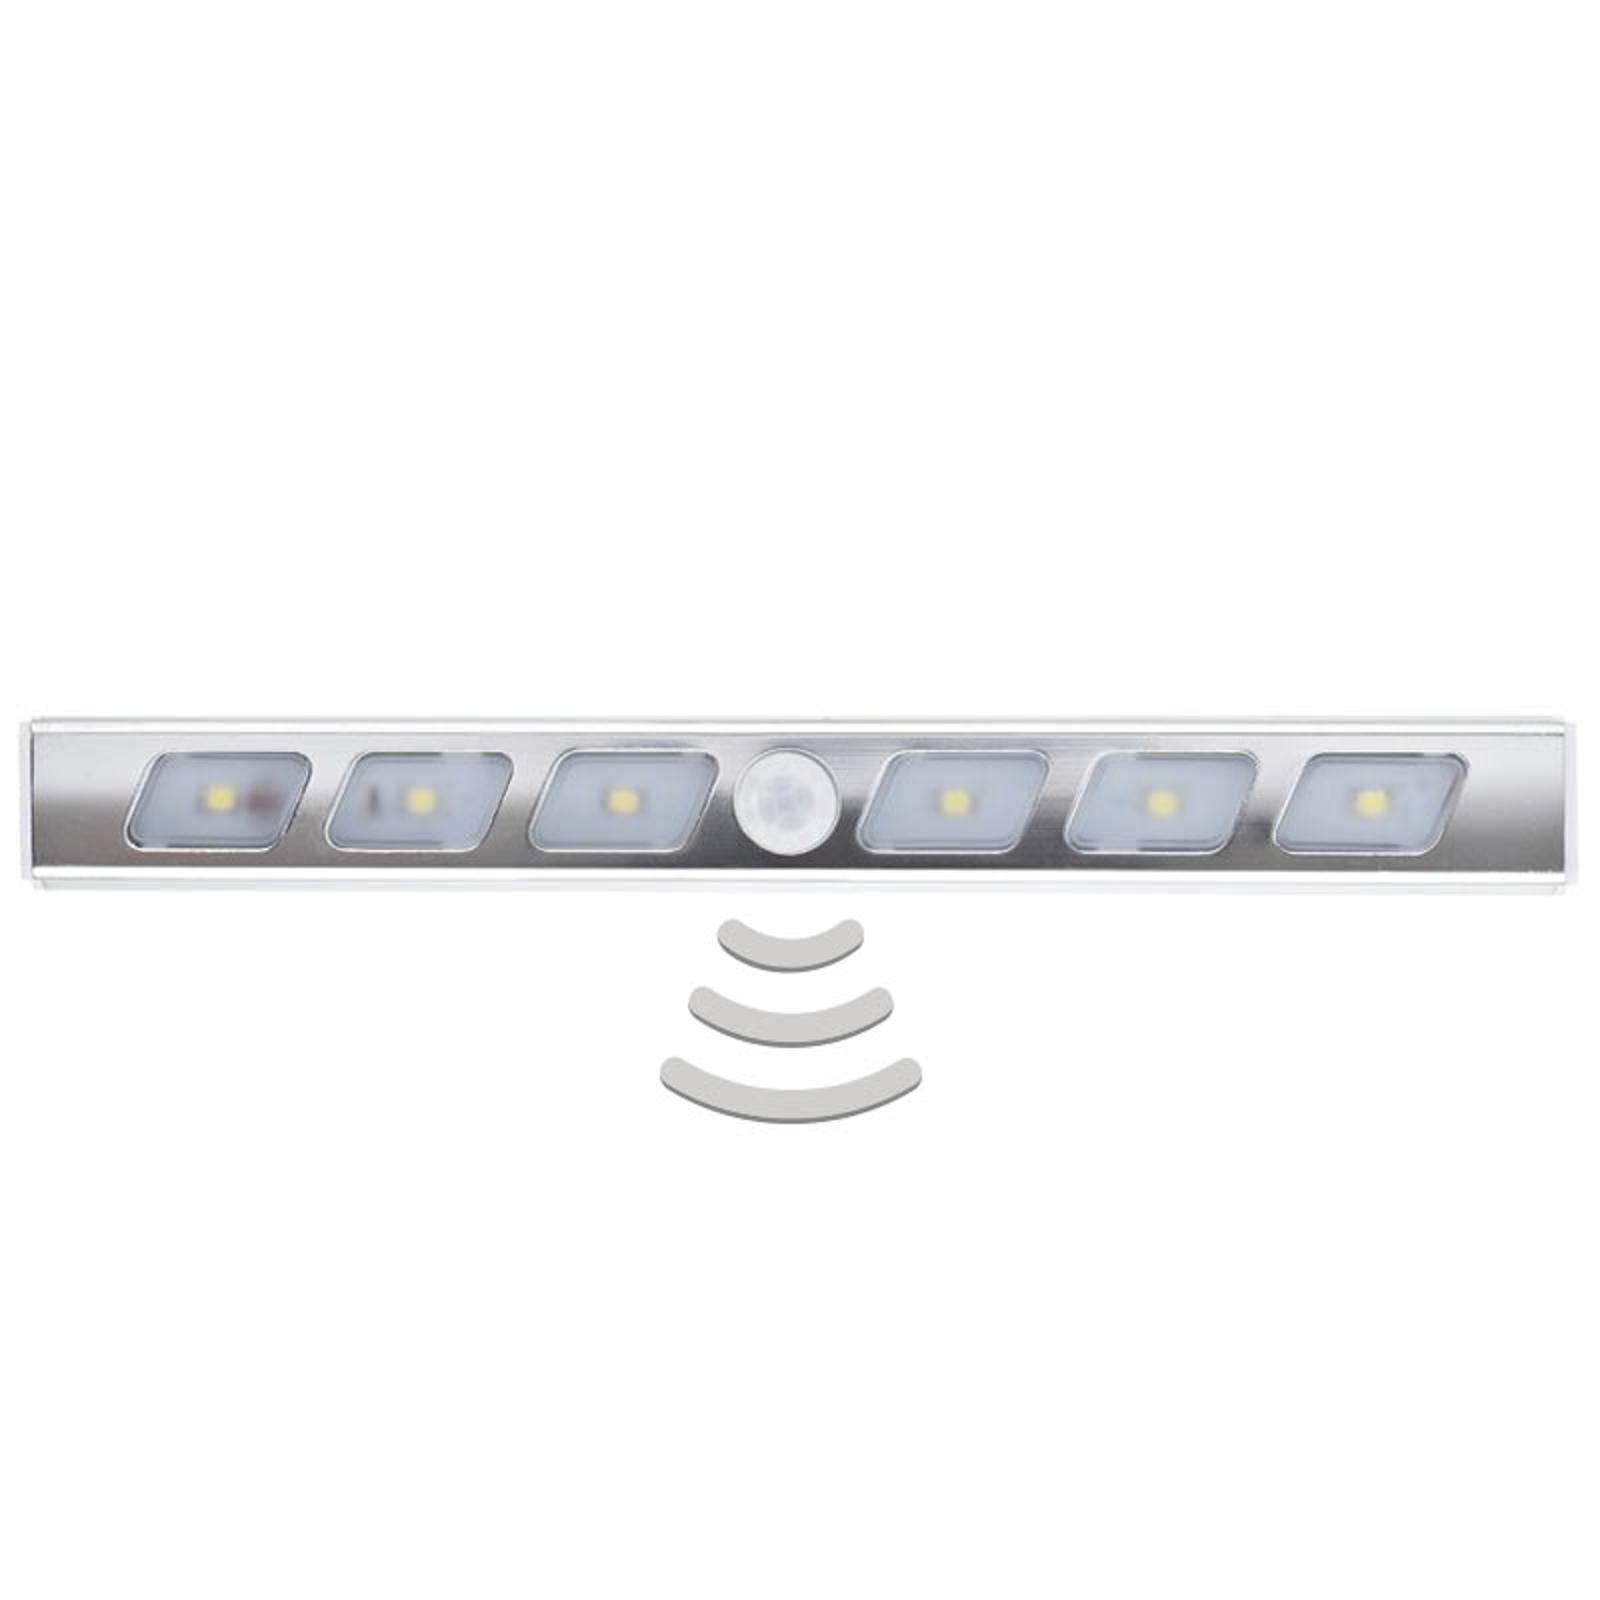 Lightstick - lampada da mobili con sensore